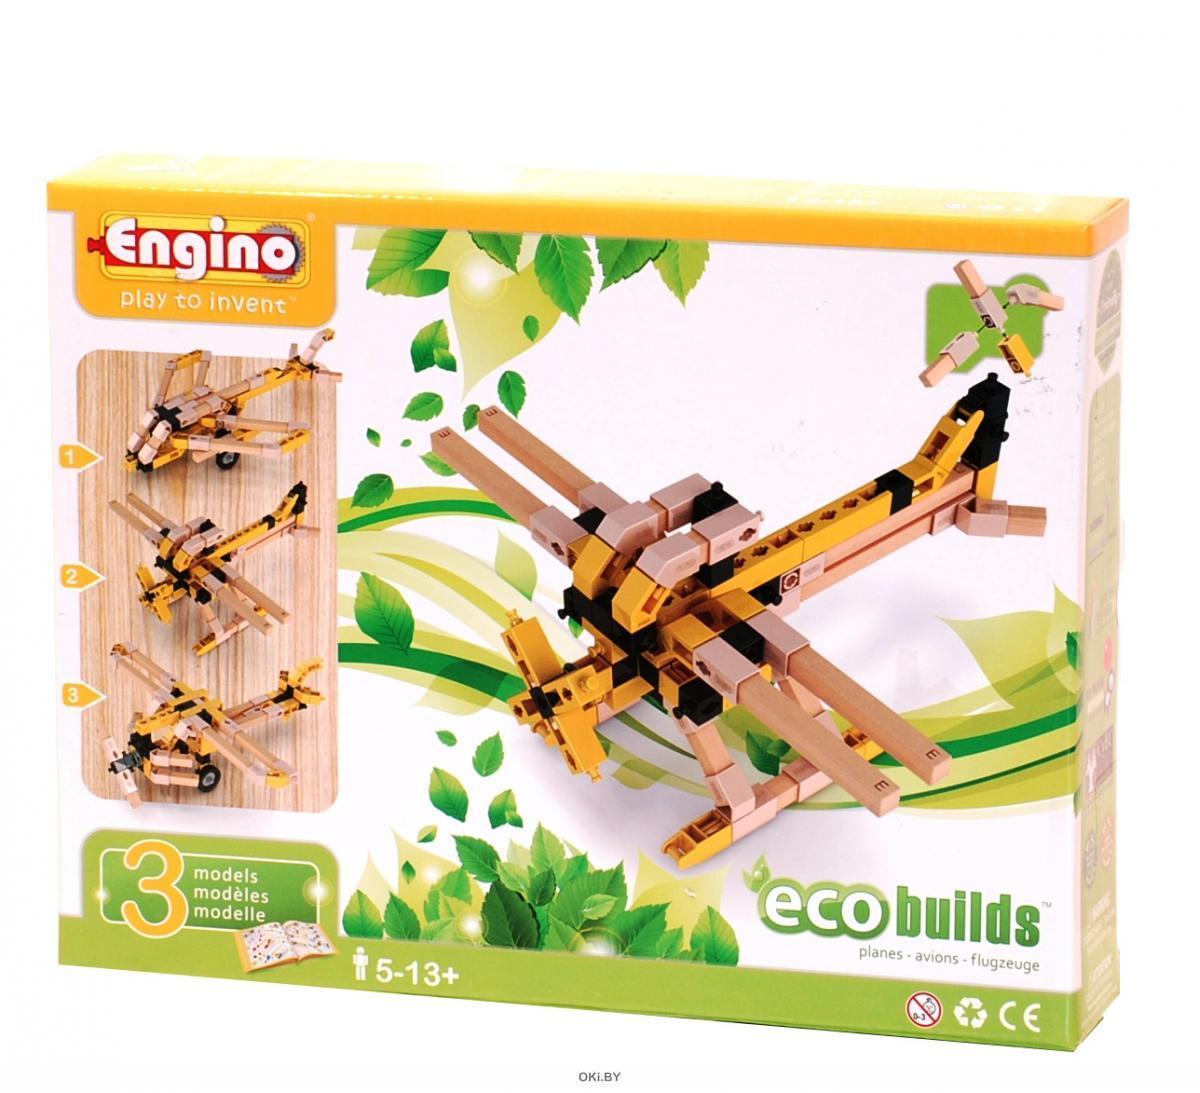 Конструктор: Самолеты, серия ECO BUILDS